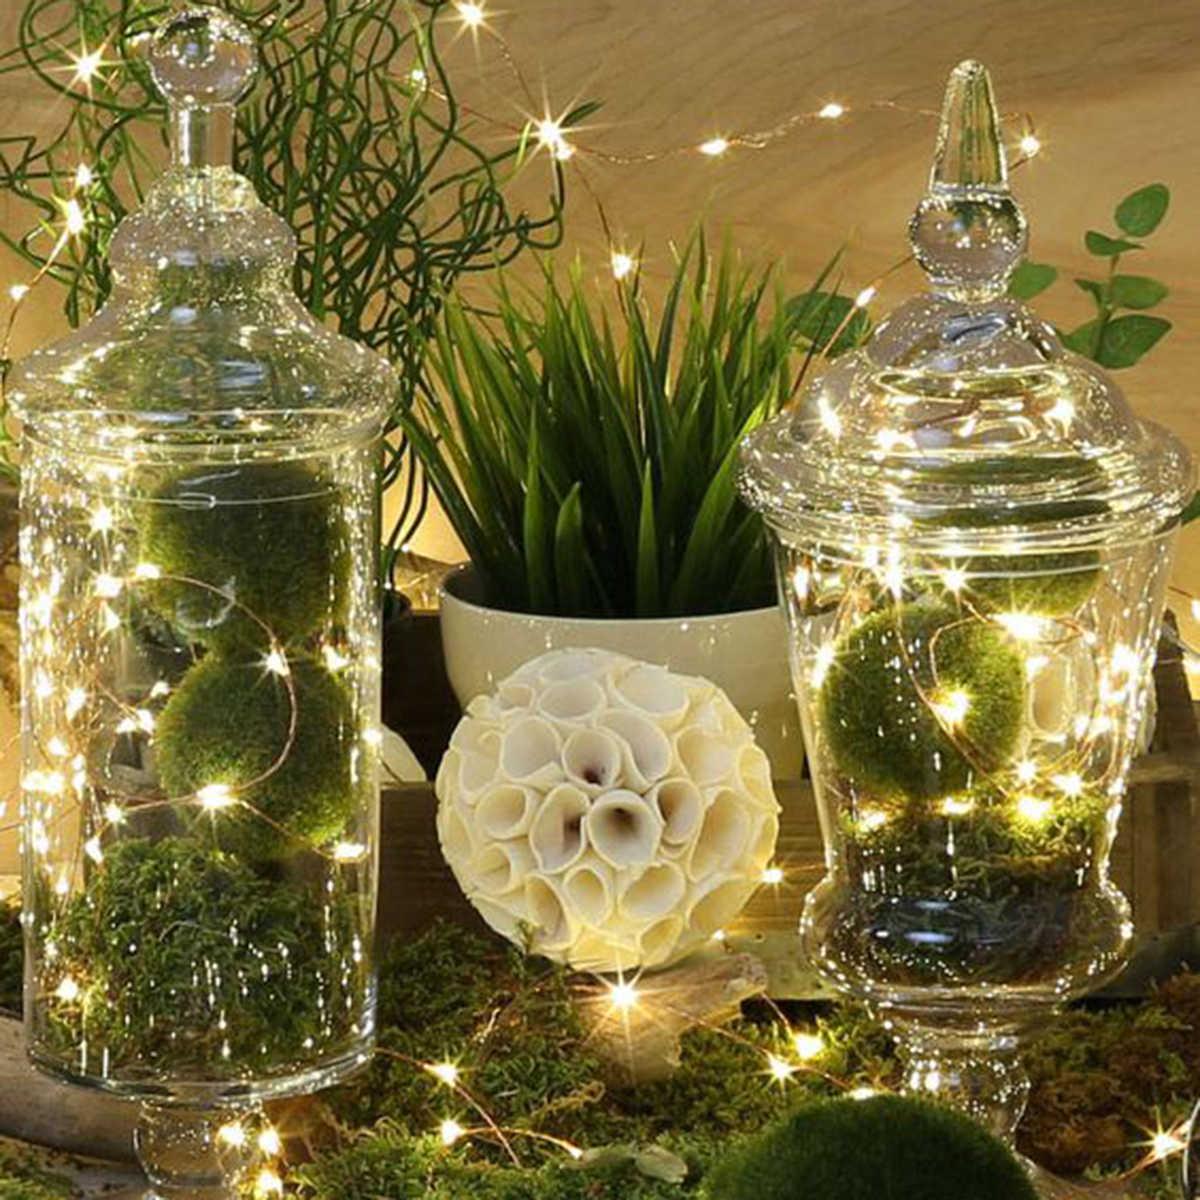 Huiran Đèn LED Chụp Ảnh Kẹp Dây Đèn Mộc Mạc Cưới Trang Trí Làm Cỏ Trang Trí Tiệc Cưới Sinh Nhật Tiếp Liệu Tiệc Giáng Sinh